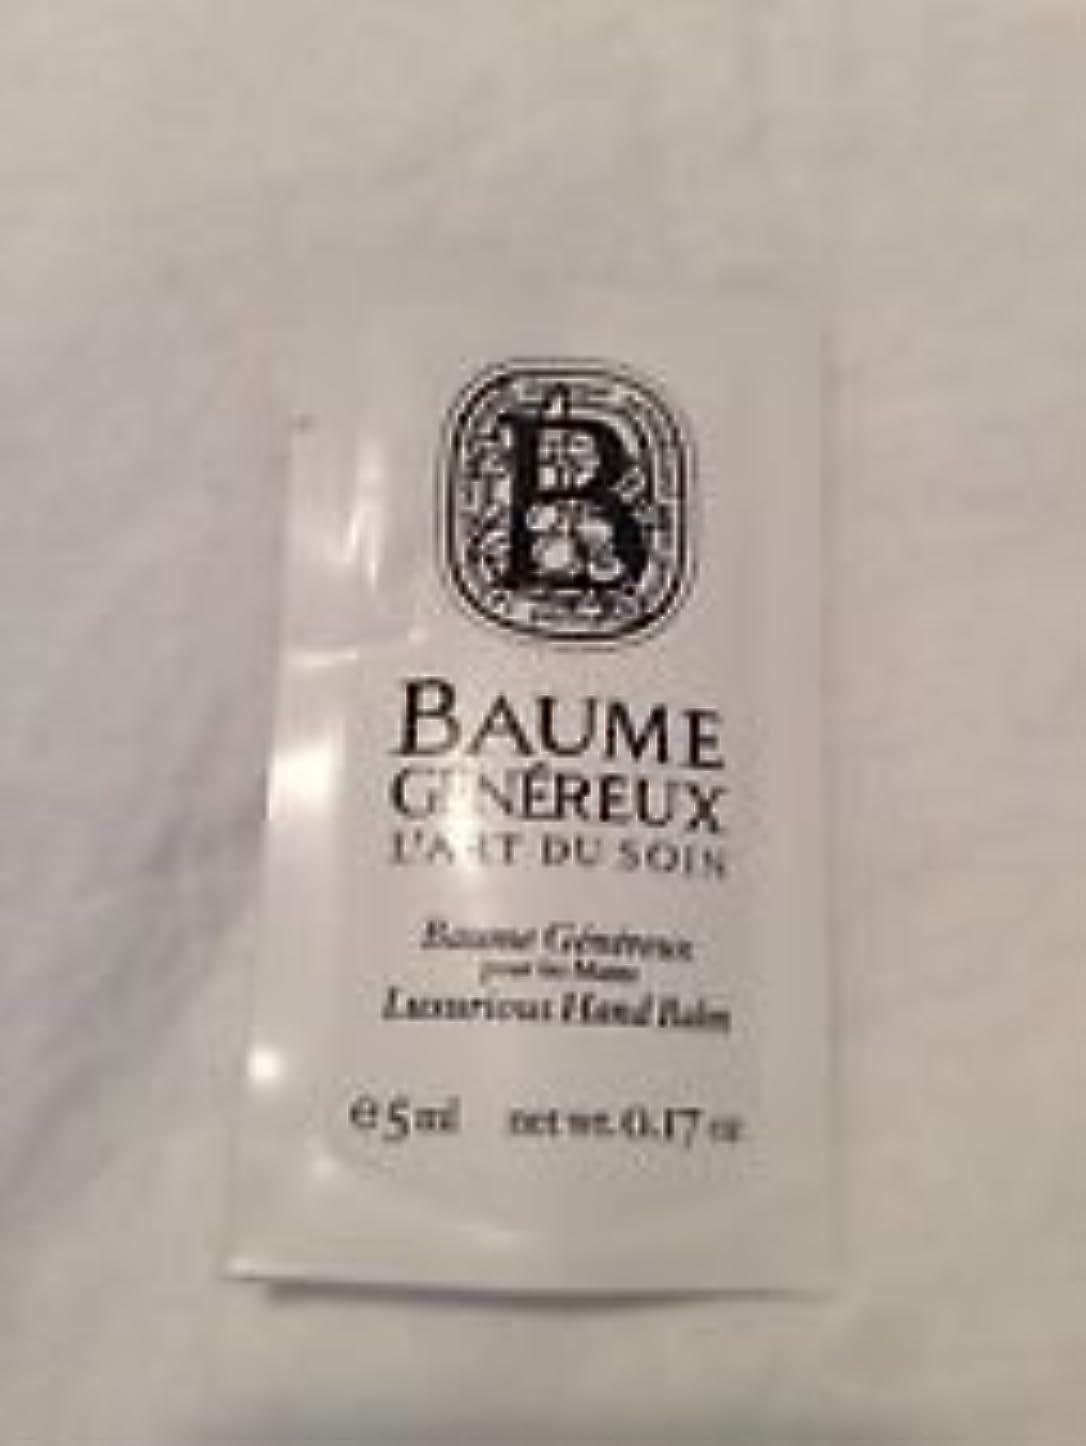 火炎管理者単位Diptyque Baume Genereux (ディプティック ボーム ジェネリュク) 0.17 oz (5ml) ハンドバルム サンプル for Women